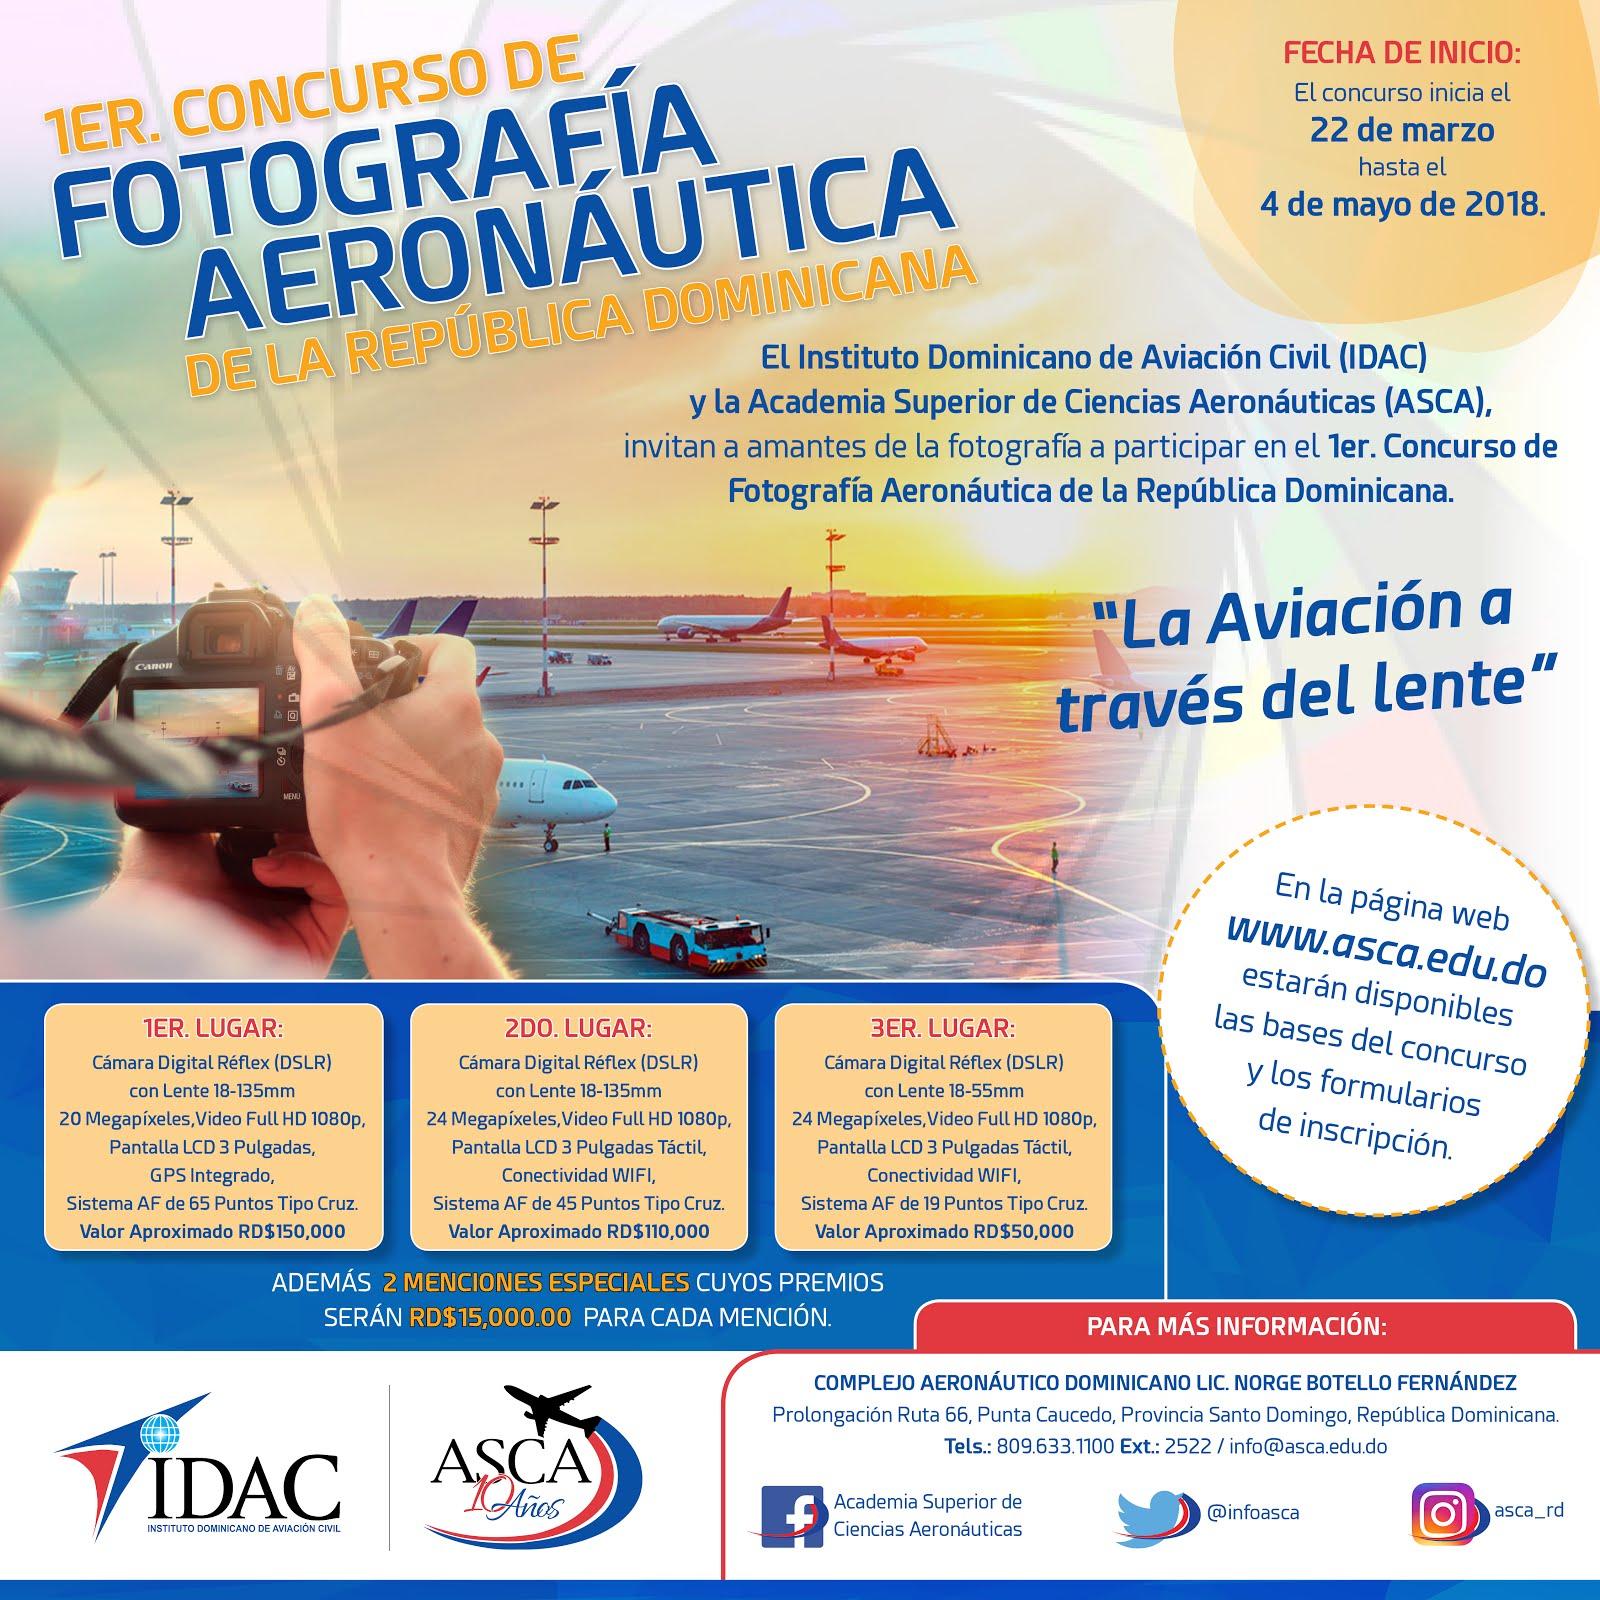 Concurso Fotografía Aeronáutica IDAC y ASCA